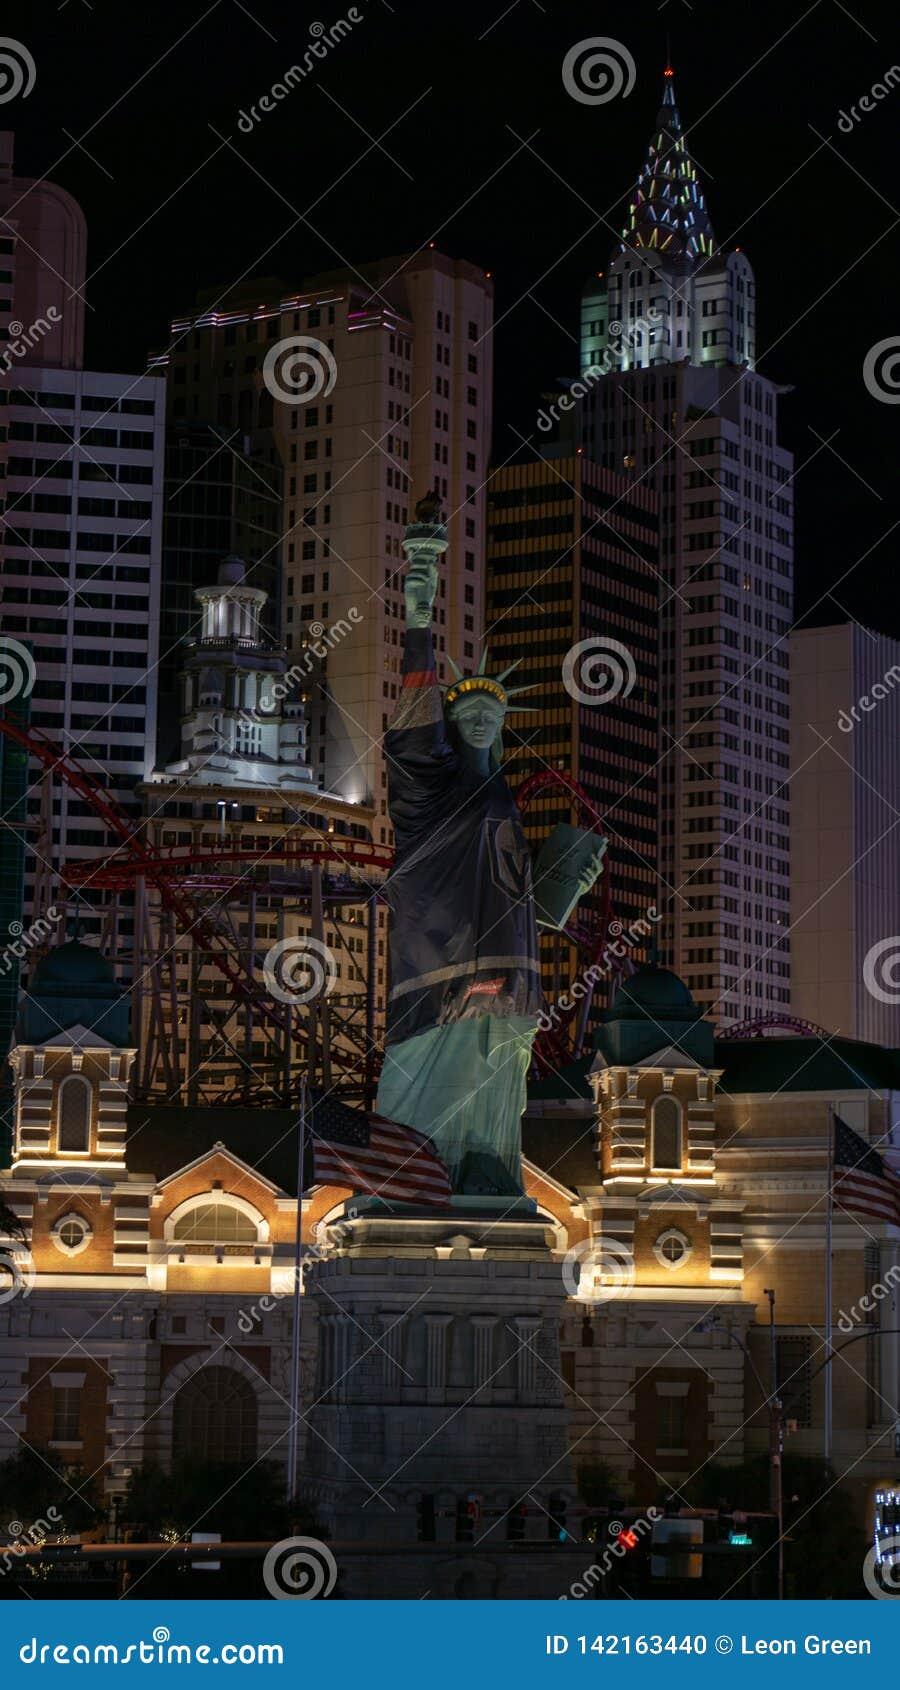 3-ье марта 2019 - Лас-Вегас, Невада - Нью-Йорк, курорт Нью-Йорка и казино